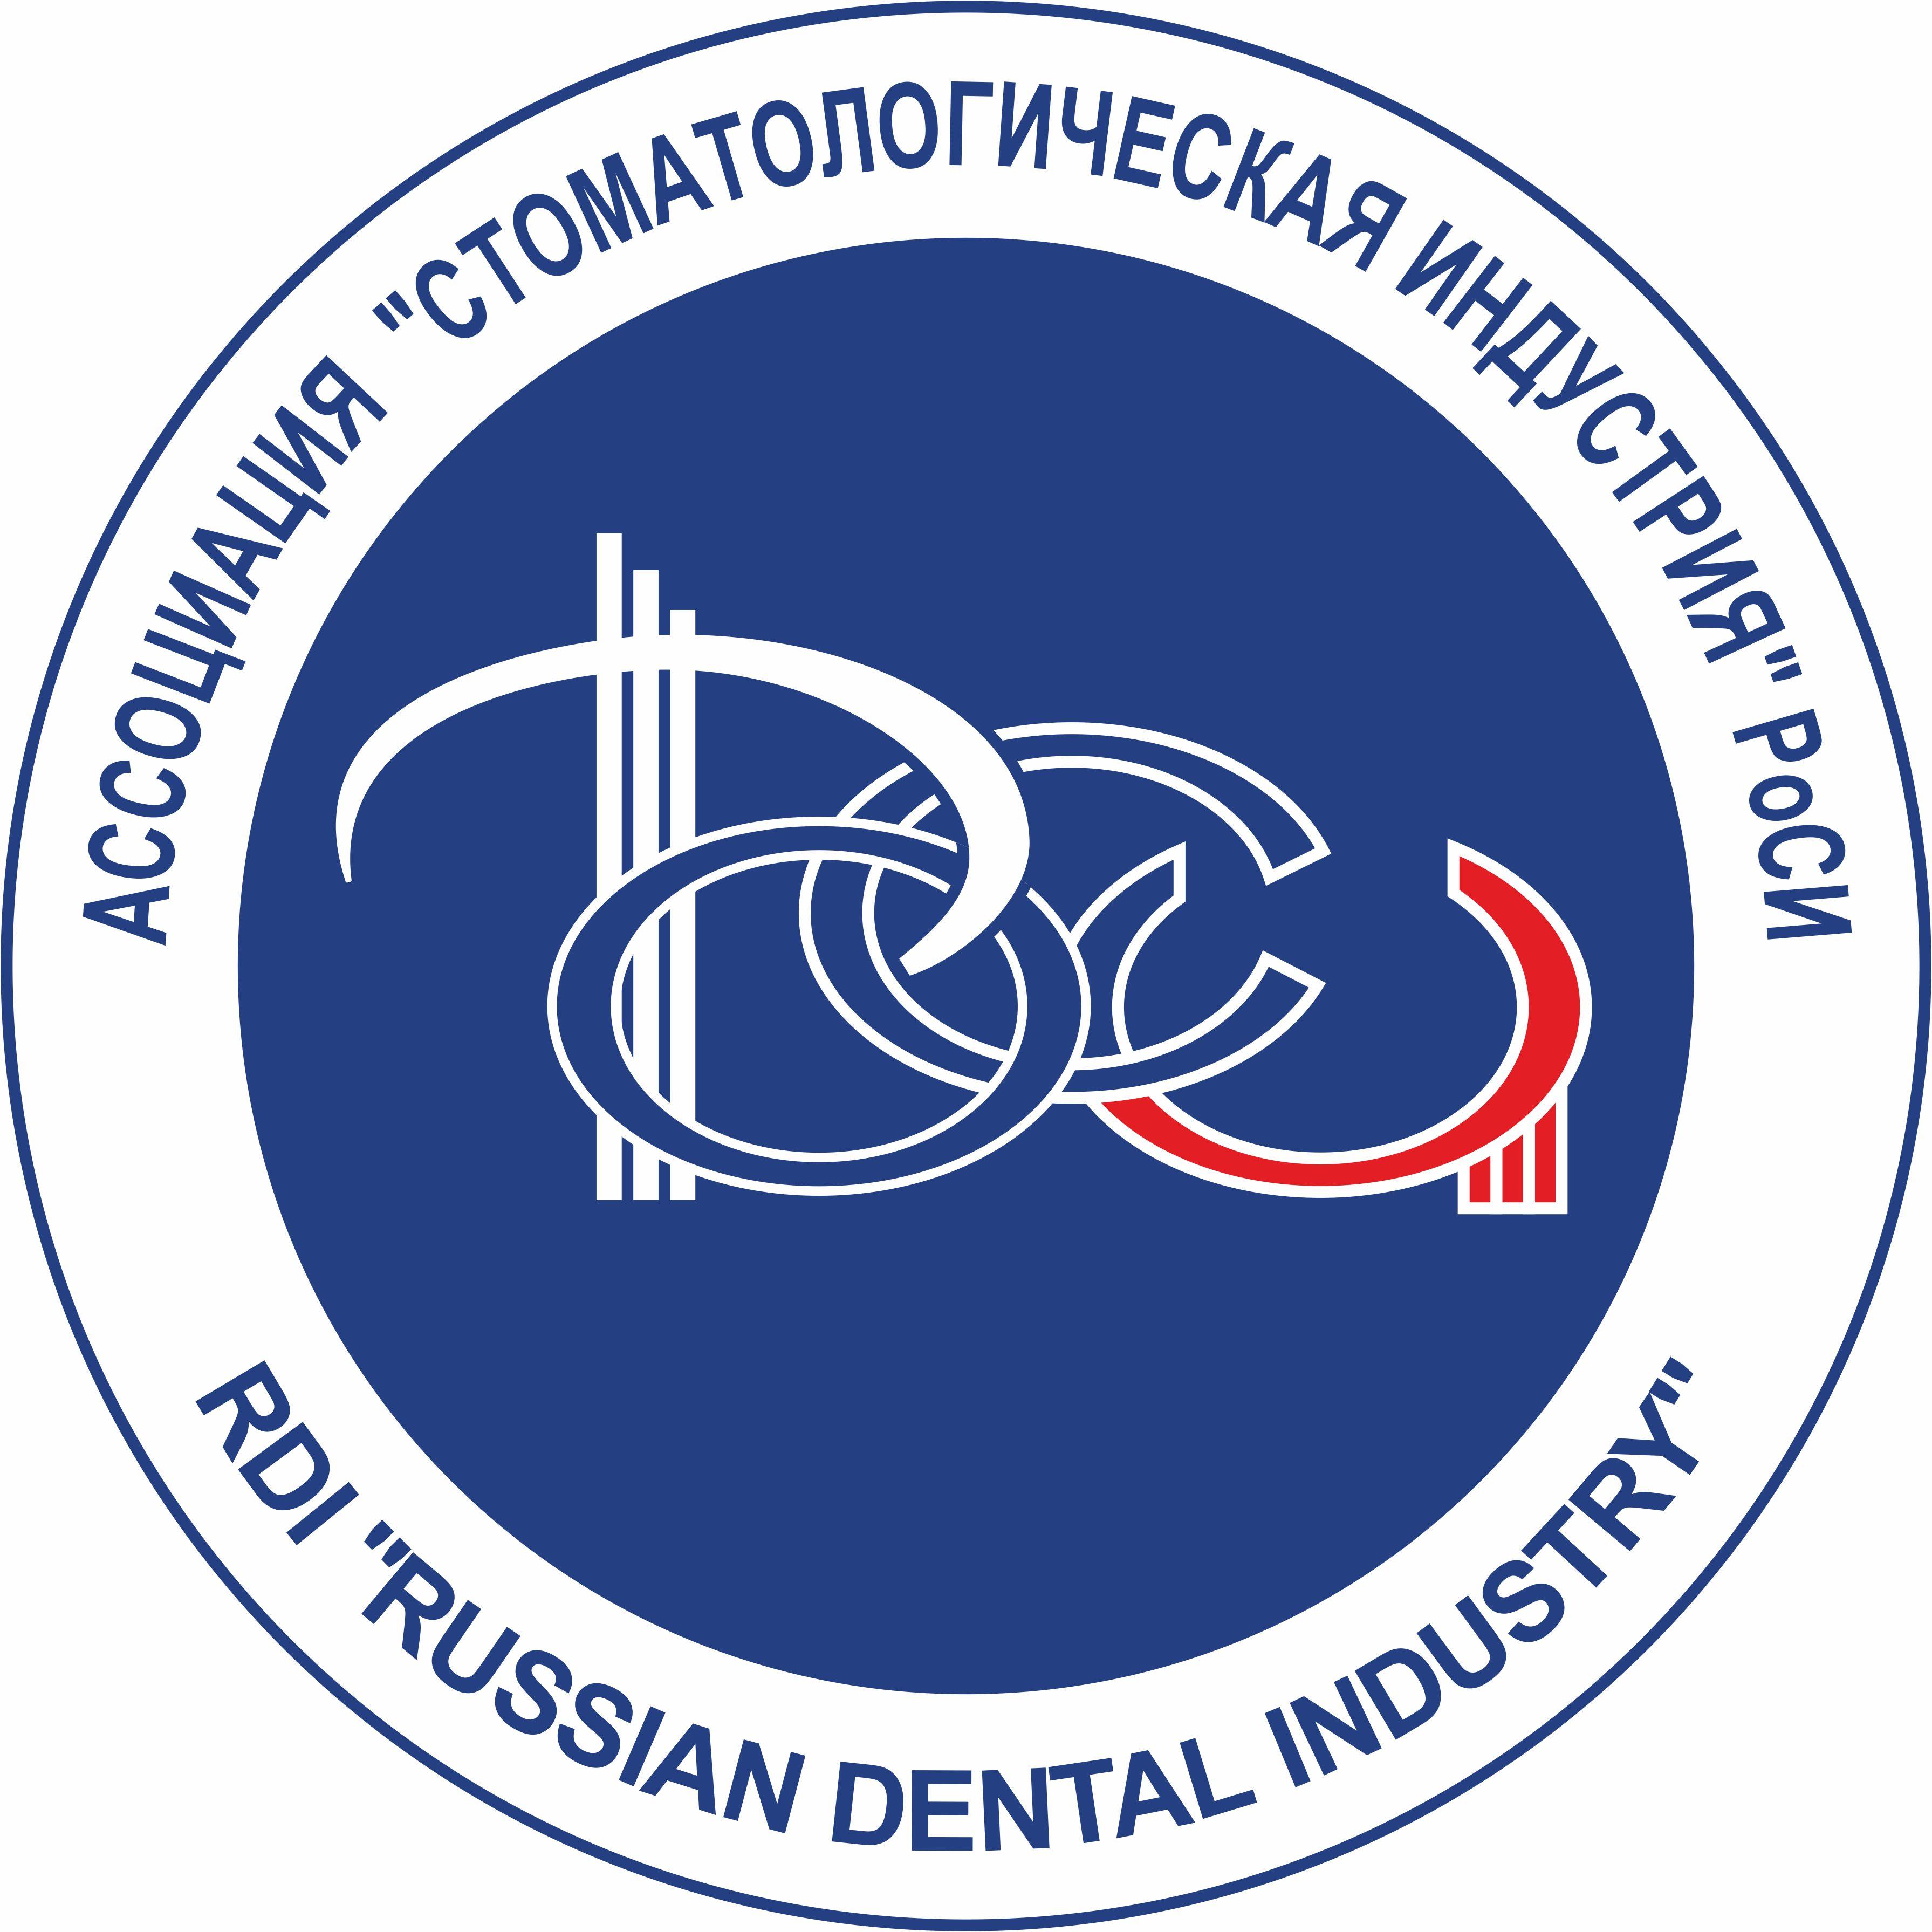 Russian Dental Industry Association